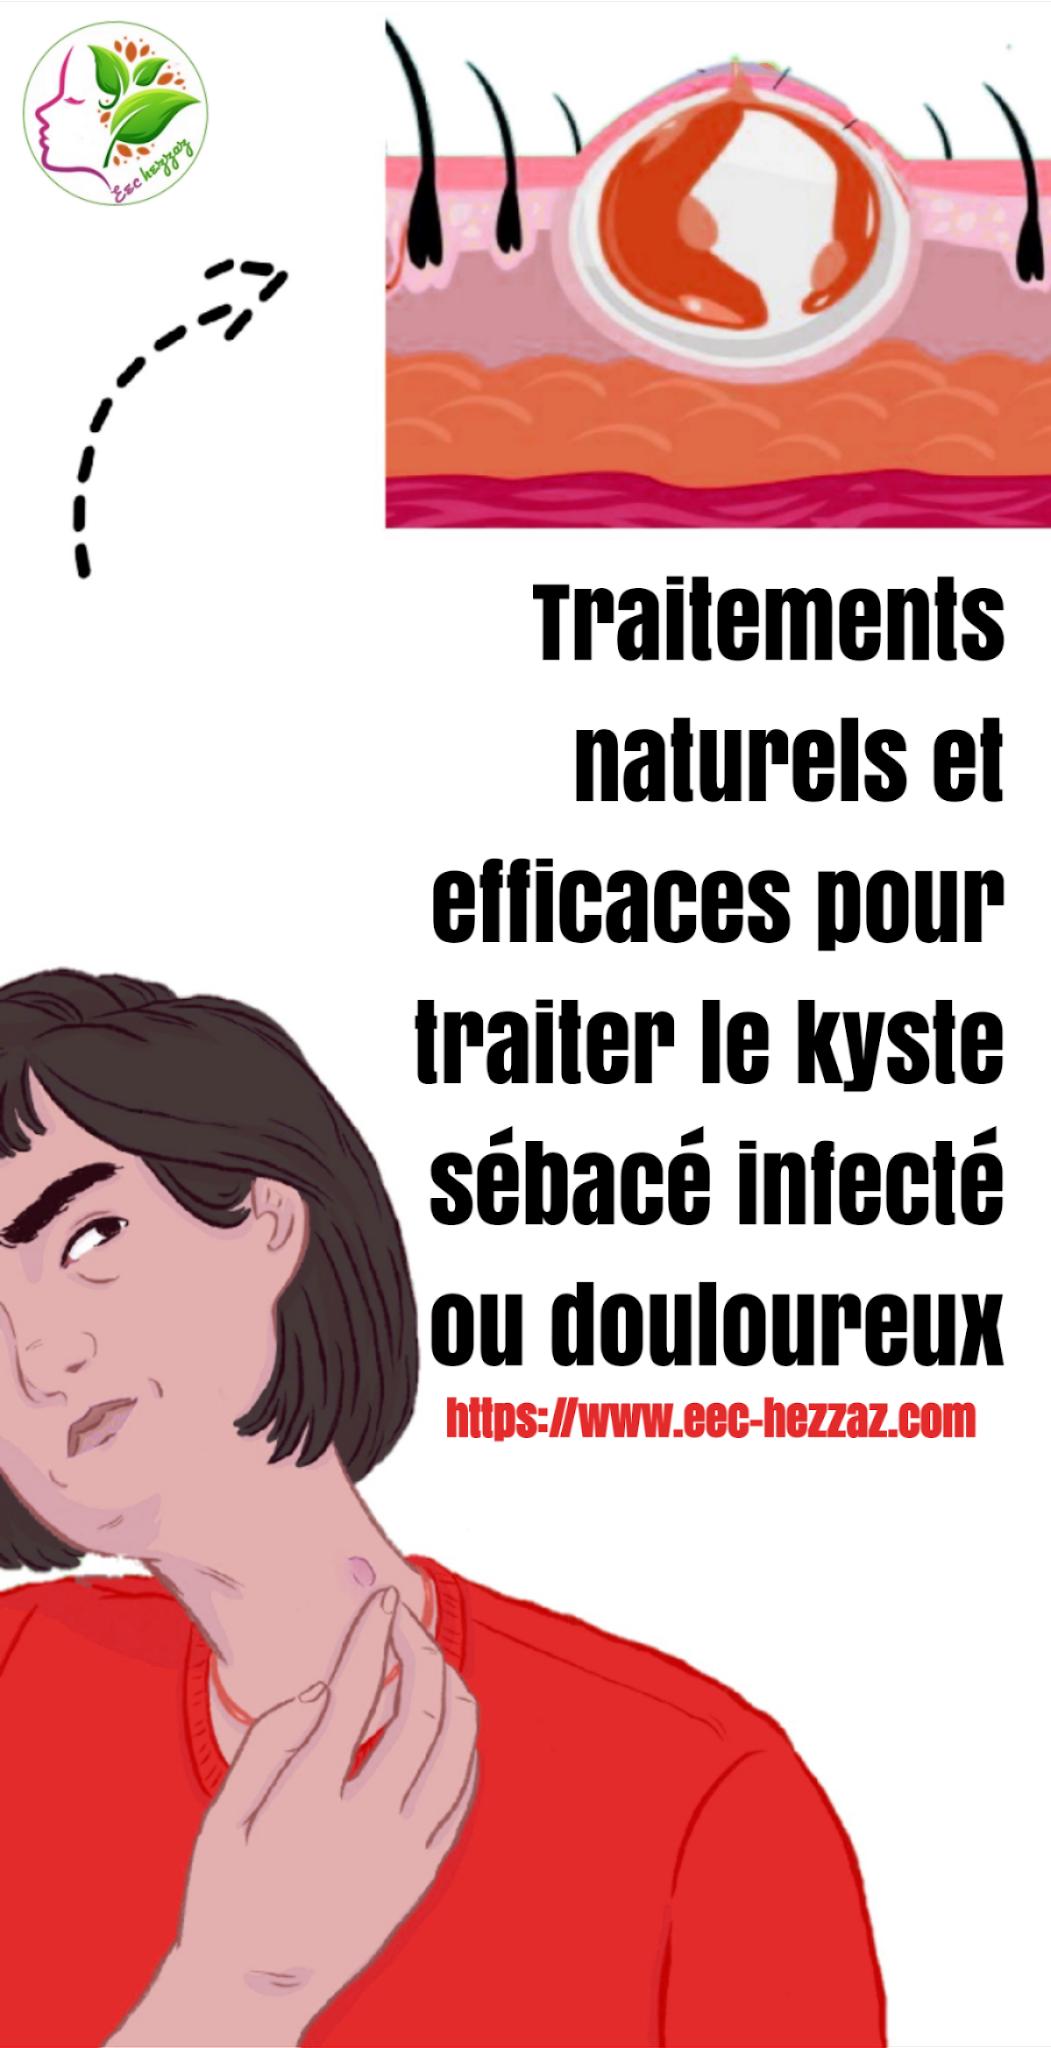 Traitements naturels et efficaces pour traiter le kyste sébacé infecté ou douloureux